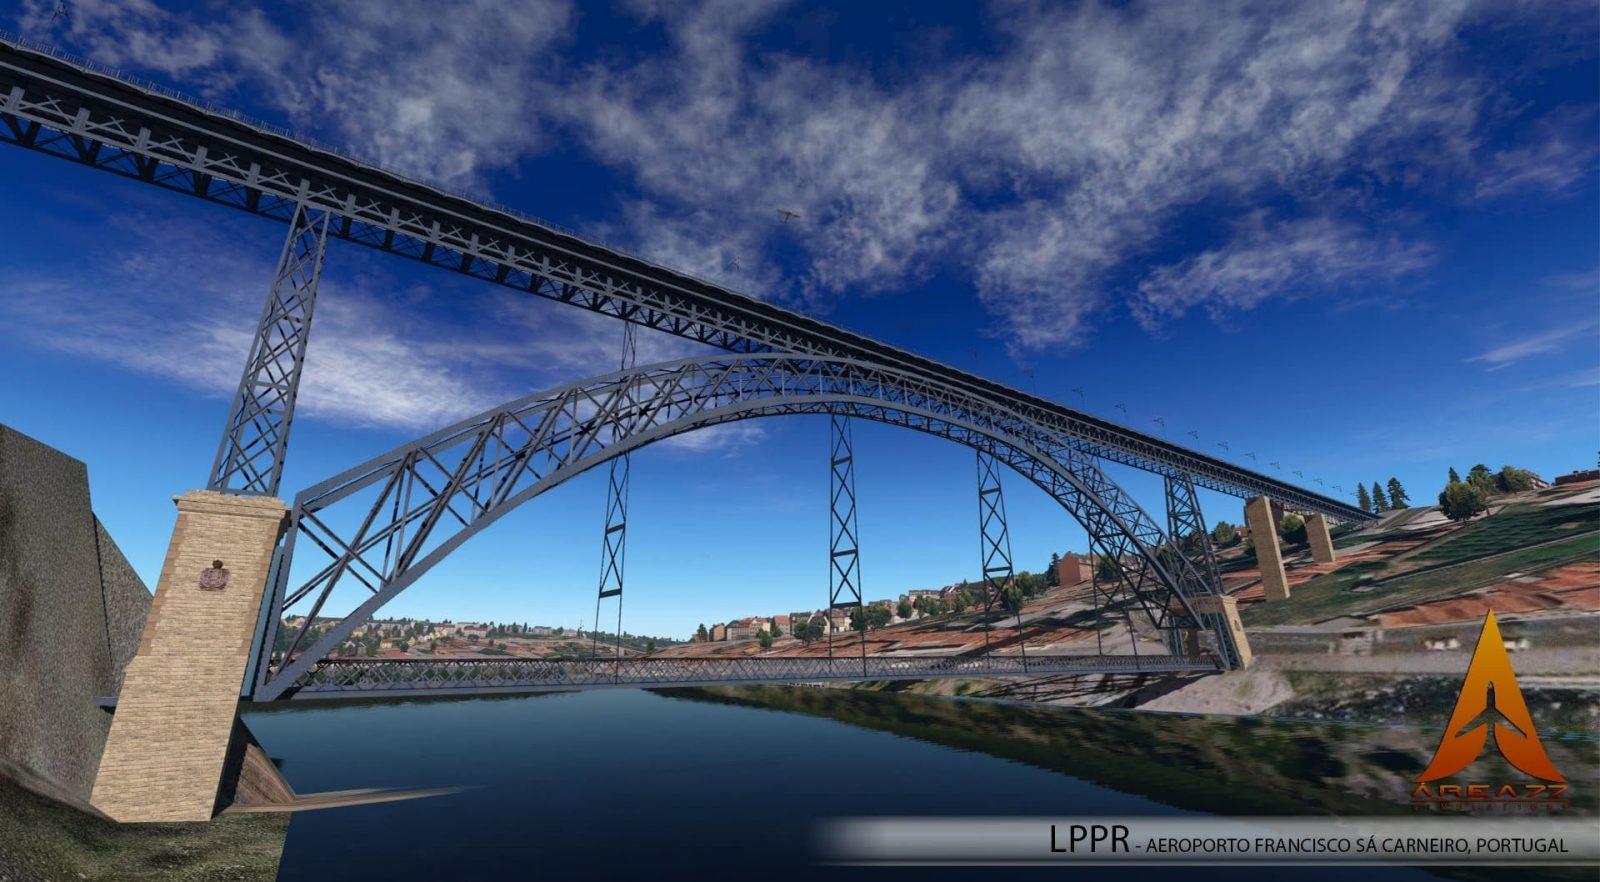 Area 77 Porto Airport Scenery Released for X-Plane 11 - FSNews